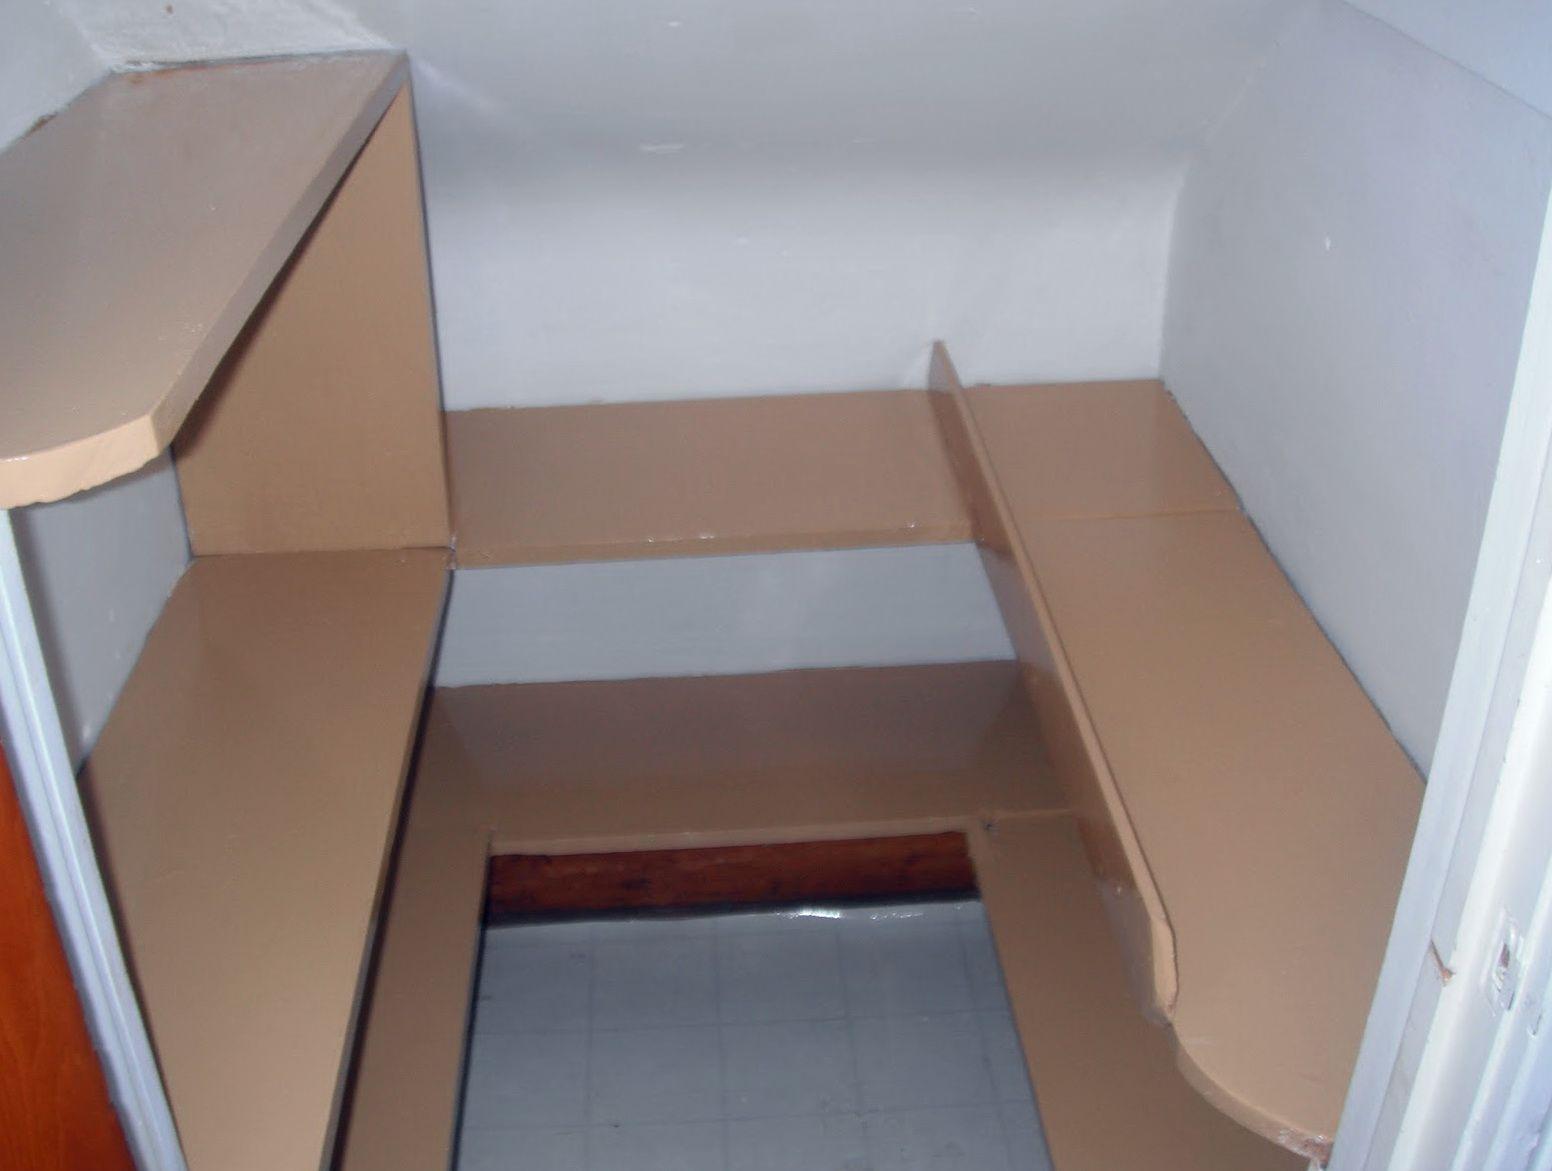 pin von sure shot auf domacnost home ikeahack kuchyna zivot pinterest. Black Bedroom Furniture Sets. Home Design Ideas